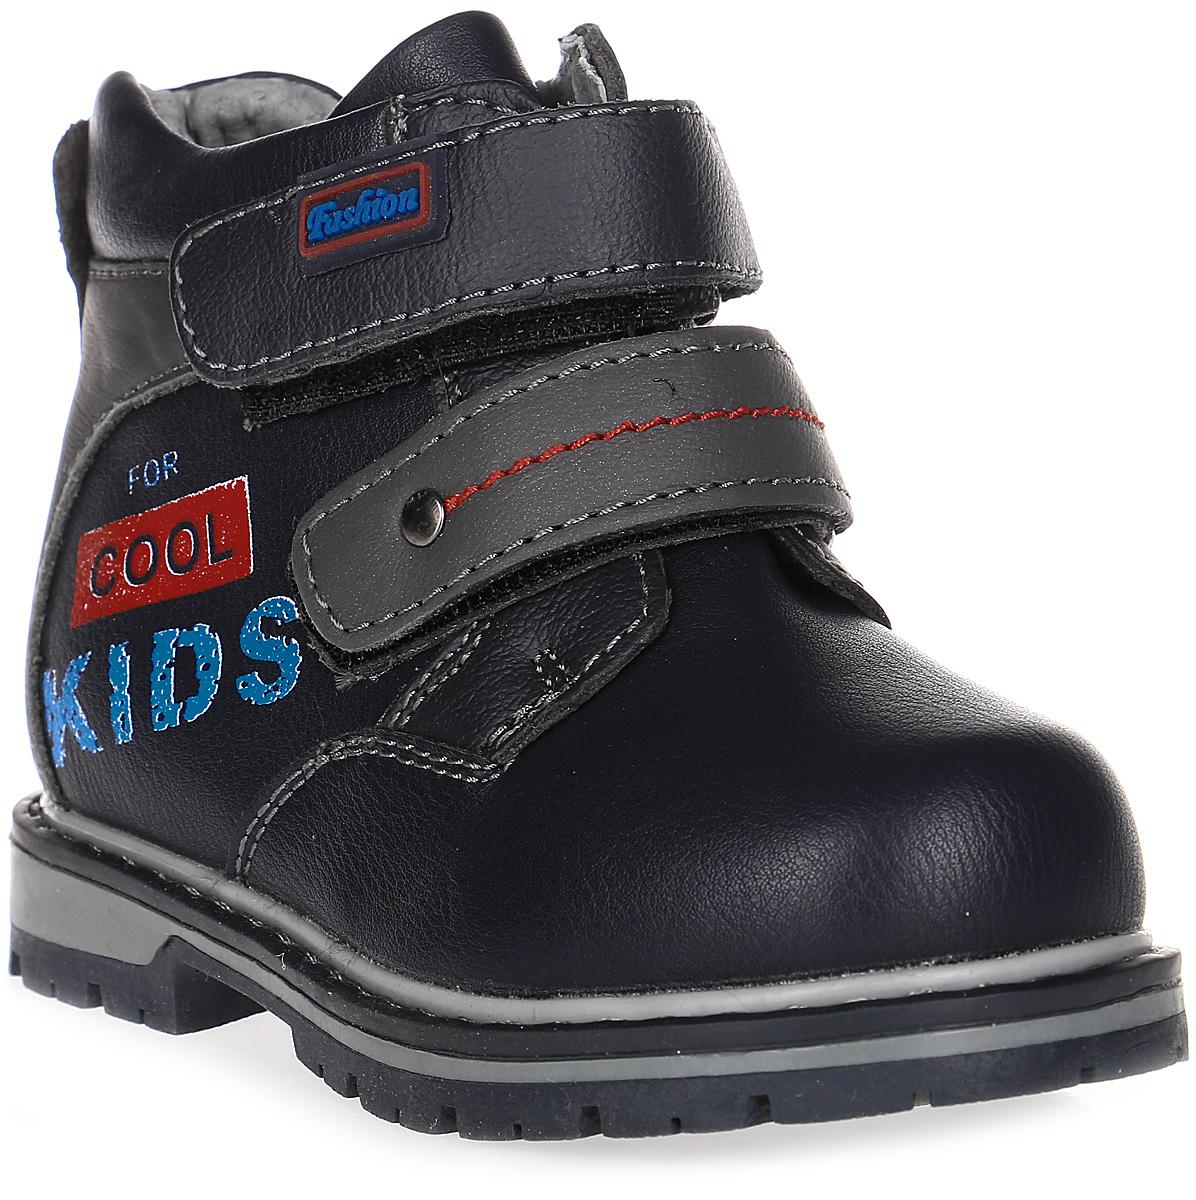 Ботинки для мальчика Счастливый ребенок, цвет: черный, синий, красный. E7123-2. Размер 26E7123-2Ботинки для мальчика Счастливый ребенок выполнены из искусственной кожи. Подошва изготовлена из легкого, гибкого и прочного термопластичного материала. Она обеспечивает отличную амортизацию и смягчает удары от соприкосновения обуви с поверхностью, а протектор подошвы создает надежное сцепление с землей или асфальтом. Внутренняя поверхность и стелька изготовлены из текстиля. Модель застегивается с помощью ремешков на липучки, благодаря которым можно регулировать объем обуви. Сбоку ботинки дополнены цветными надписями.